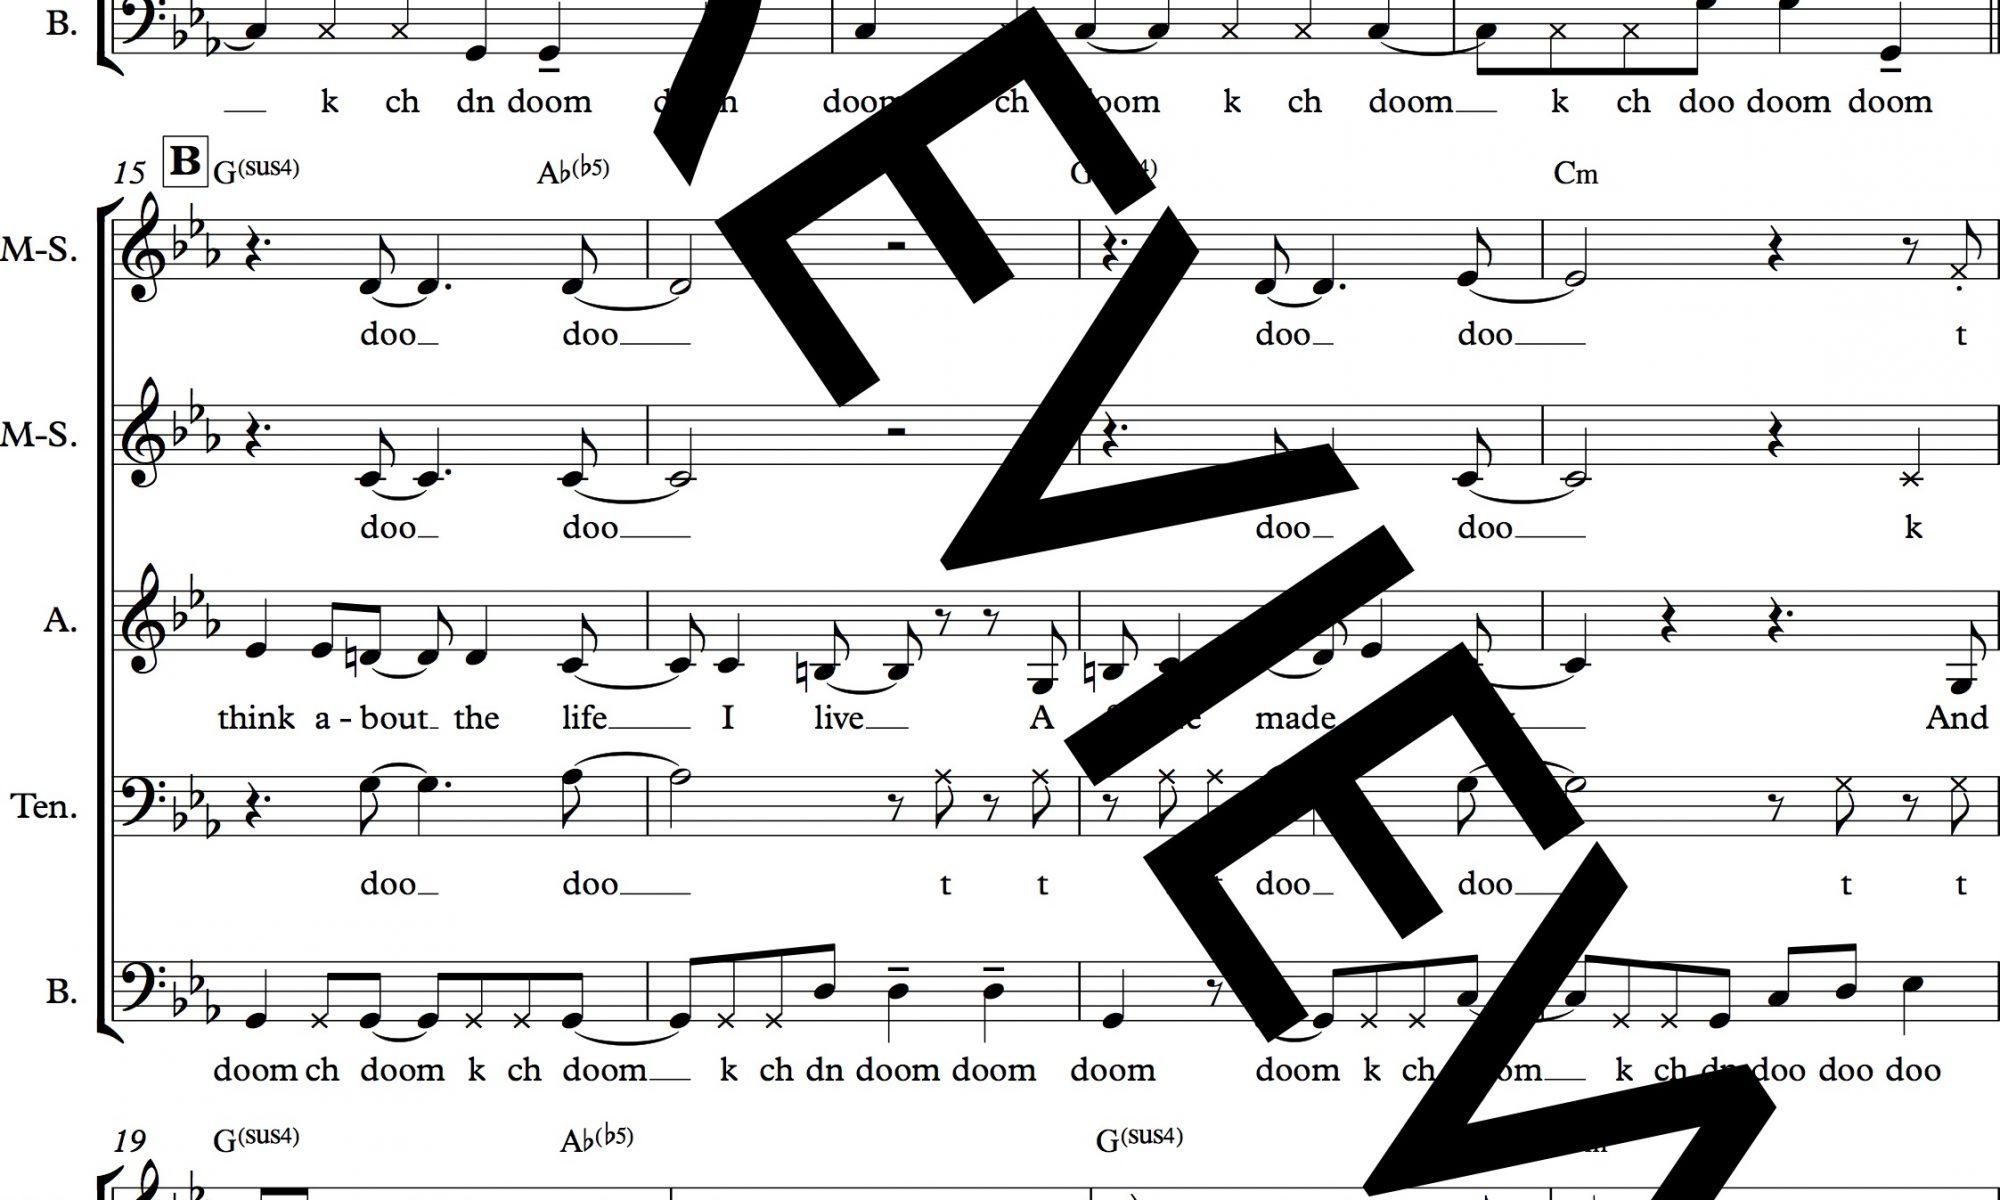 Throwitaway_preview – Mezzo-soprano, Mezzo-soprano, Alto, Tenor, Bass_0002